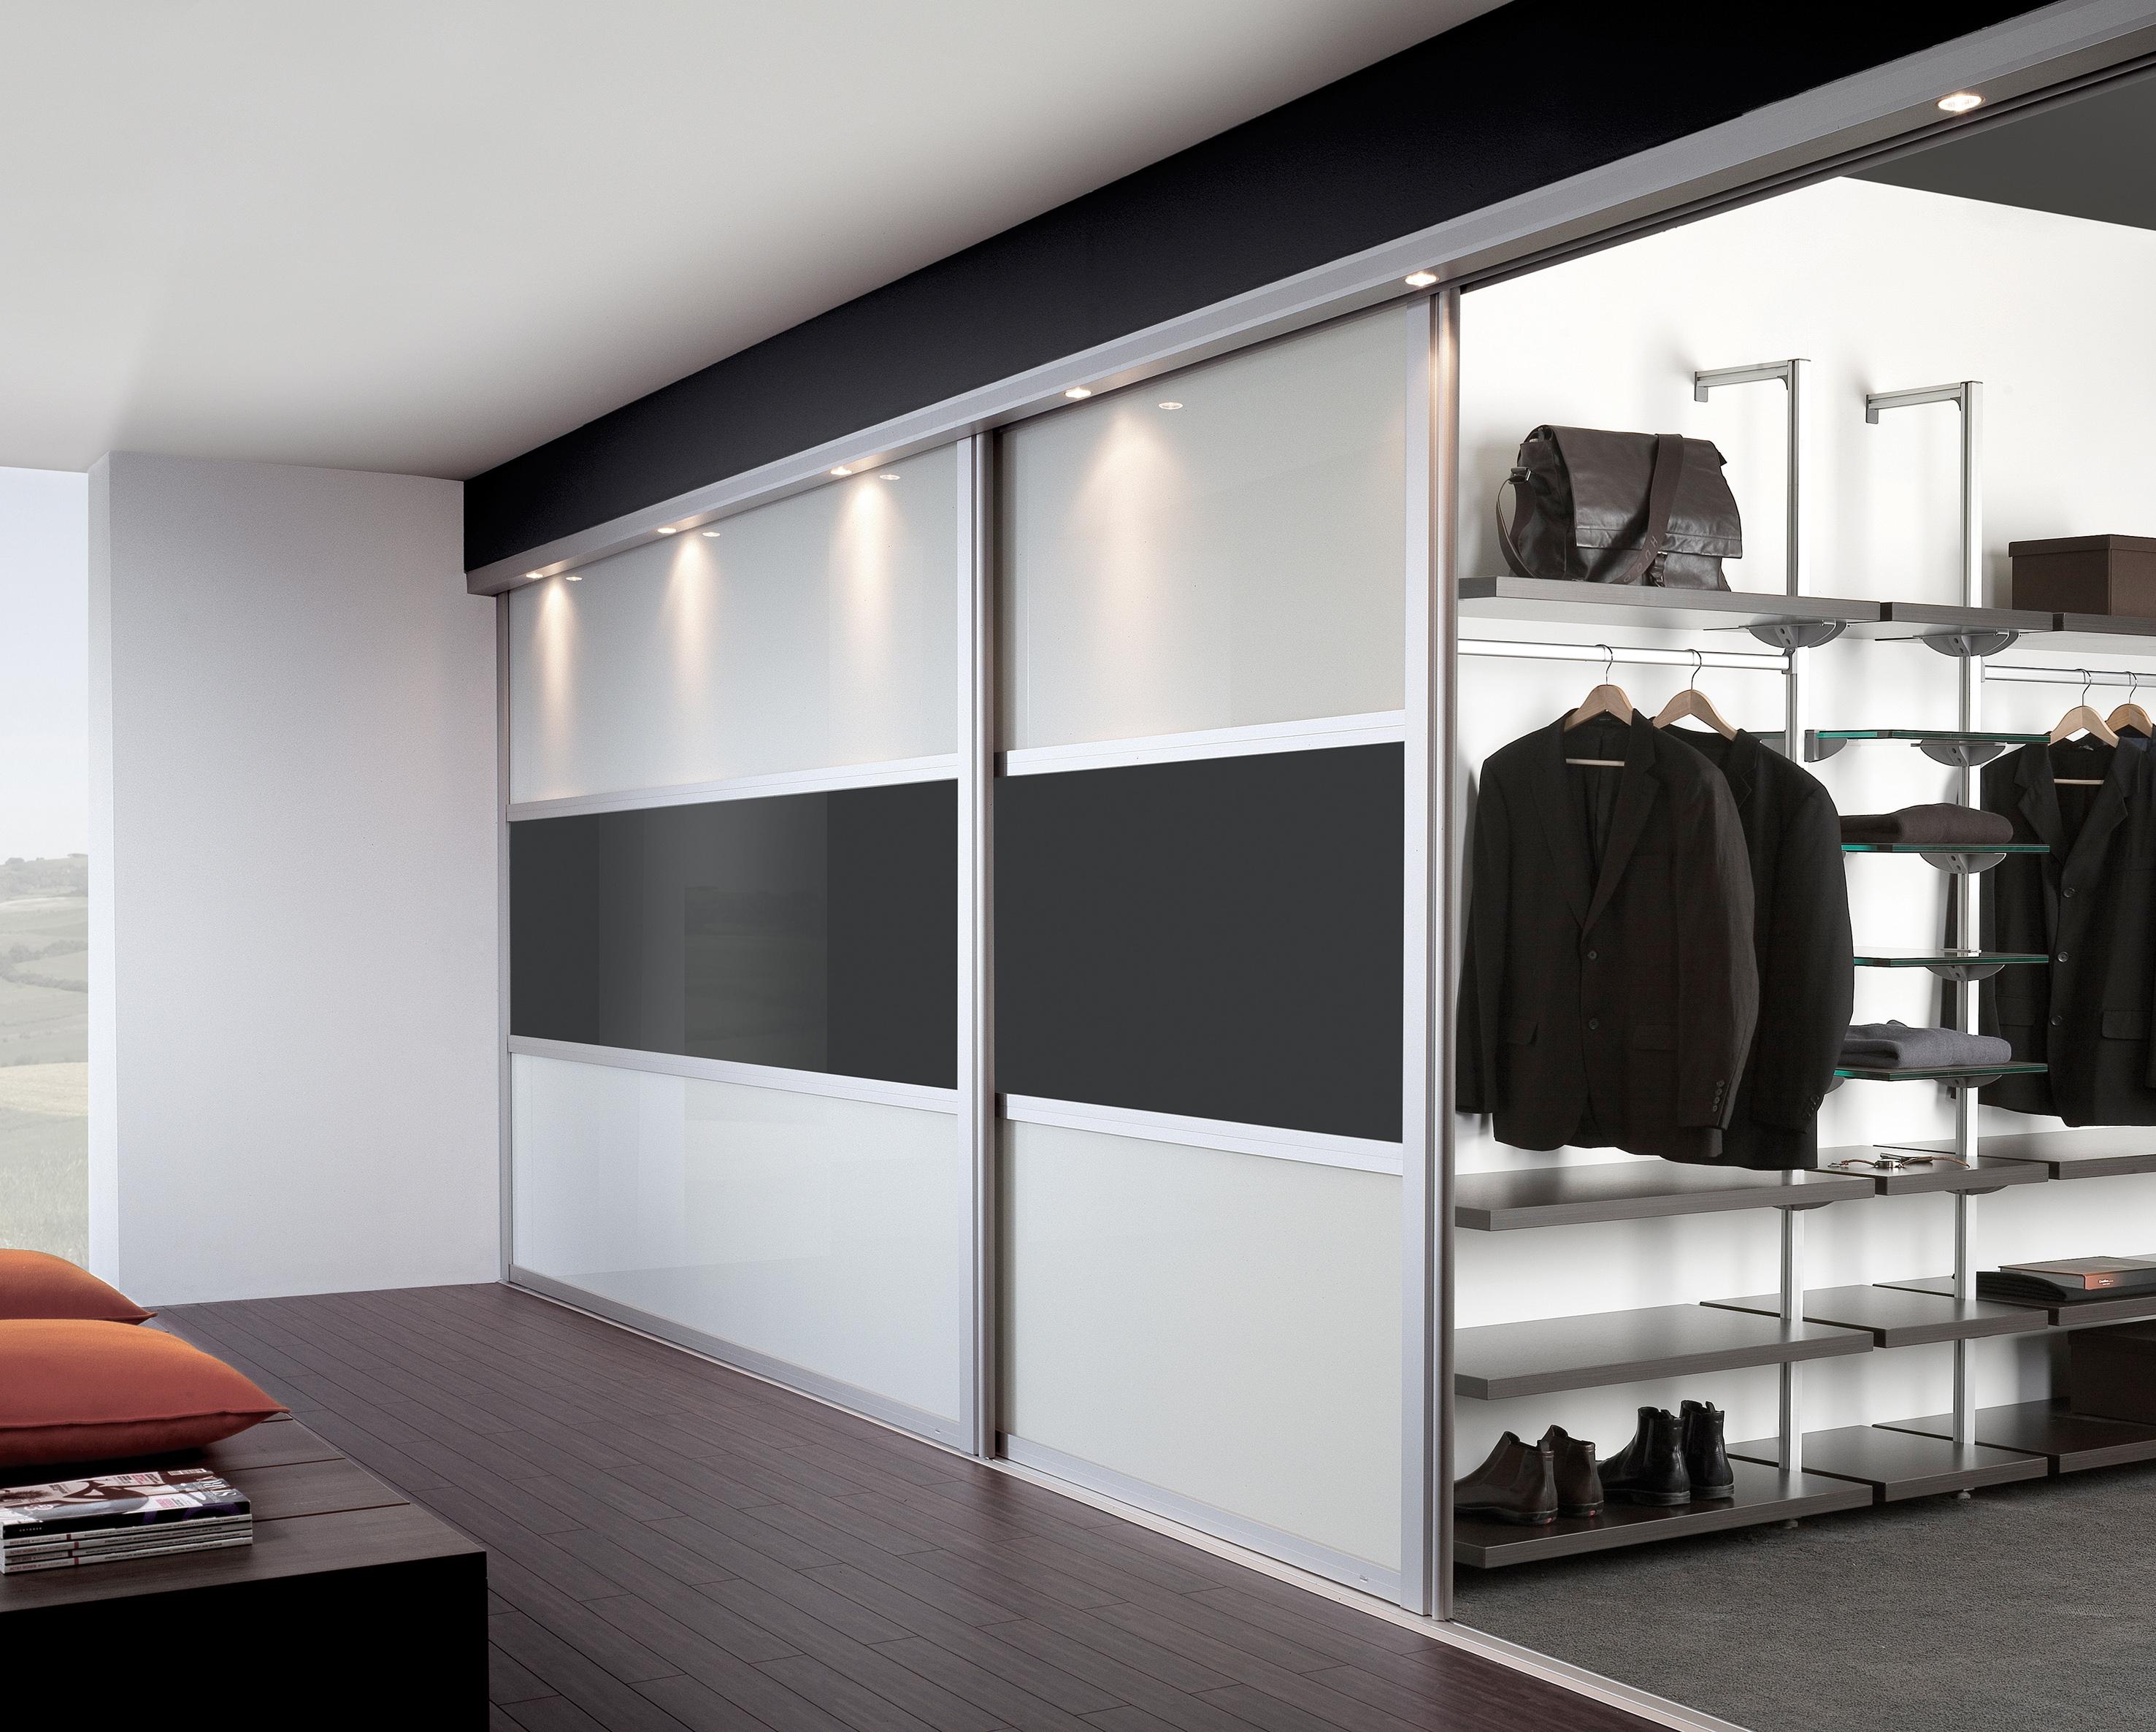 дизайн встроенных шкафов купе фотогалерея процесс может начаться